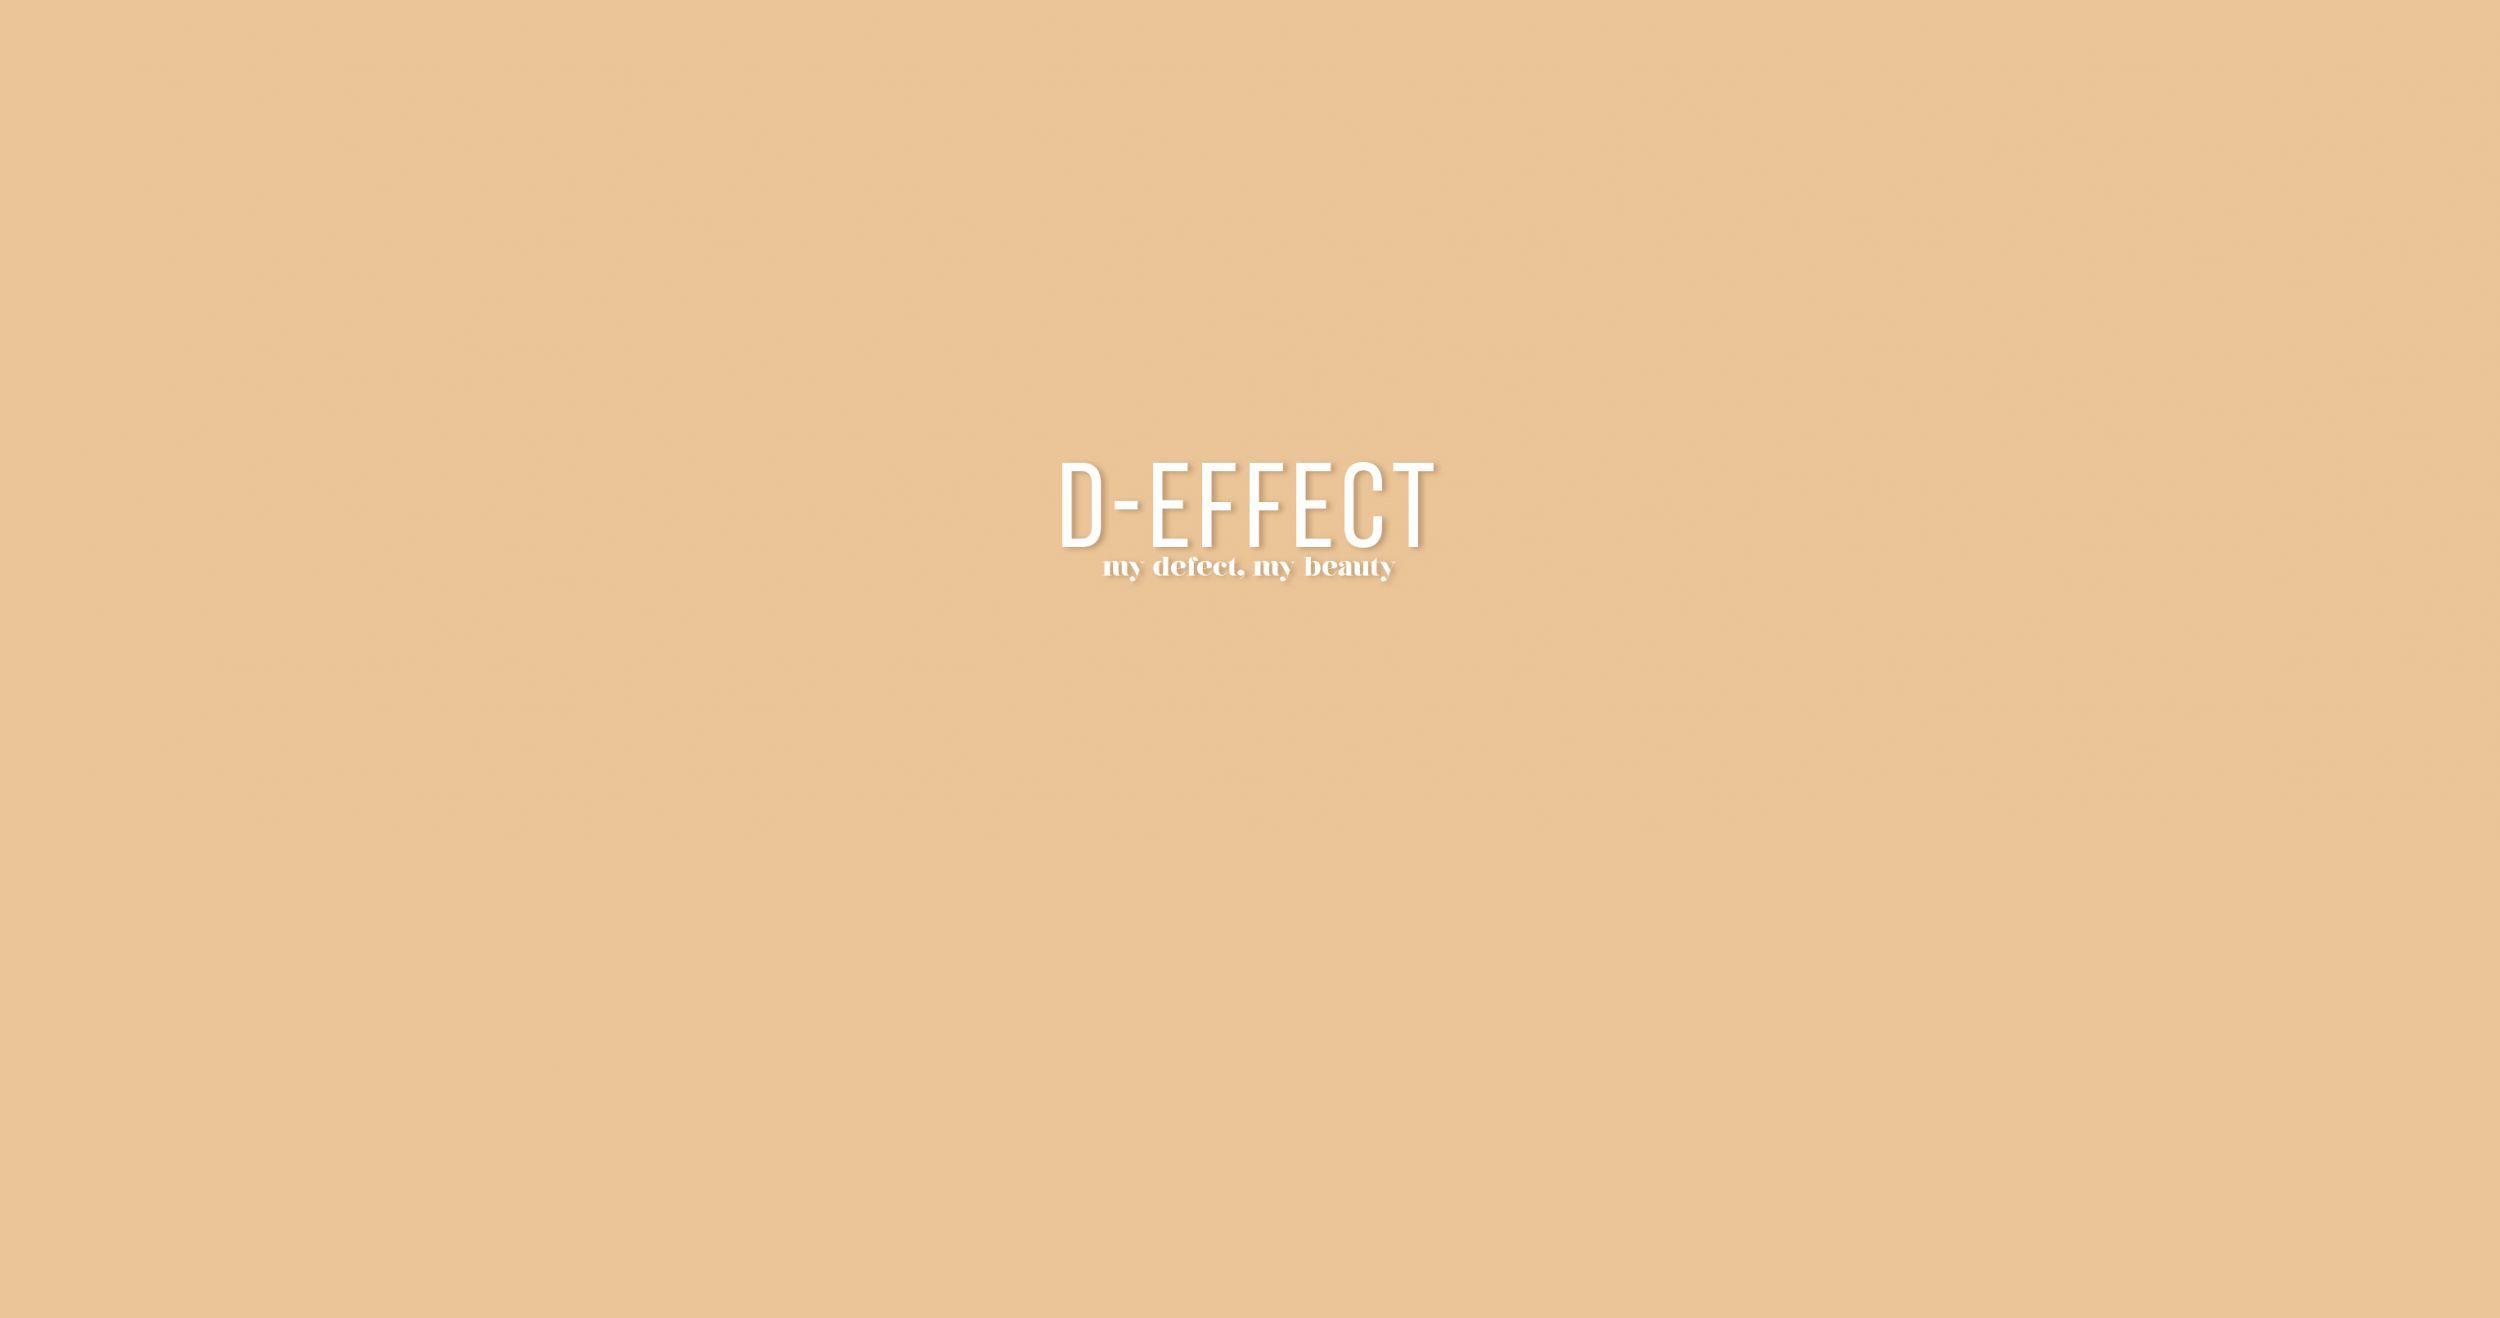 D-EFFECT video collezione